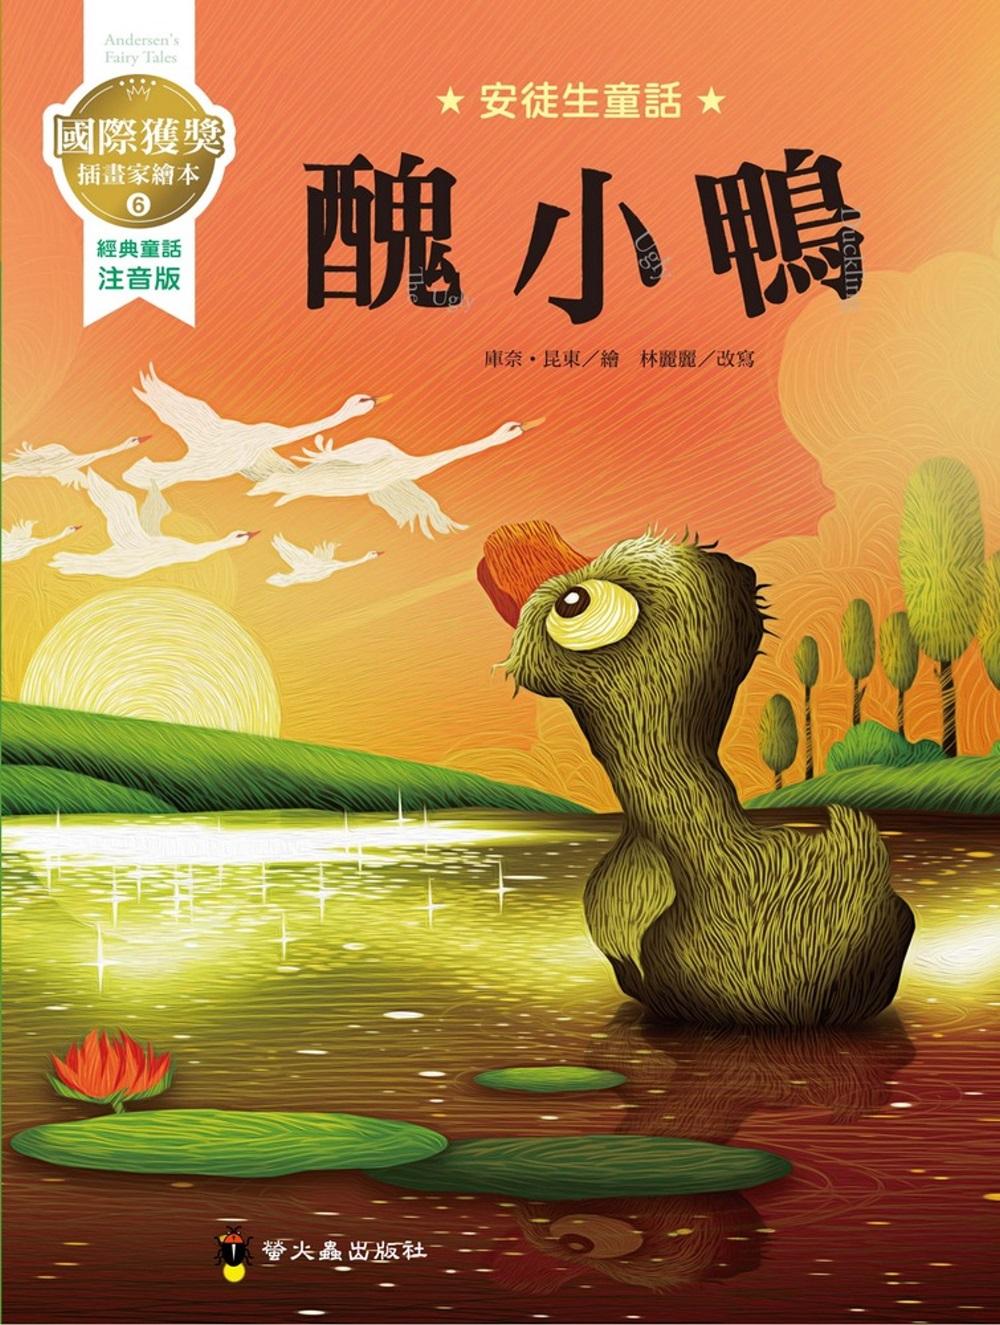 醜小鴨:國際獲獎插畫家安徒生童話繪本